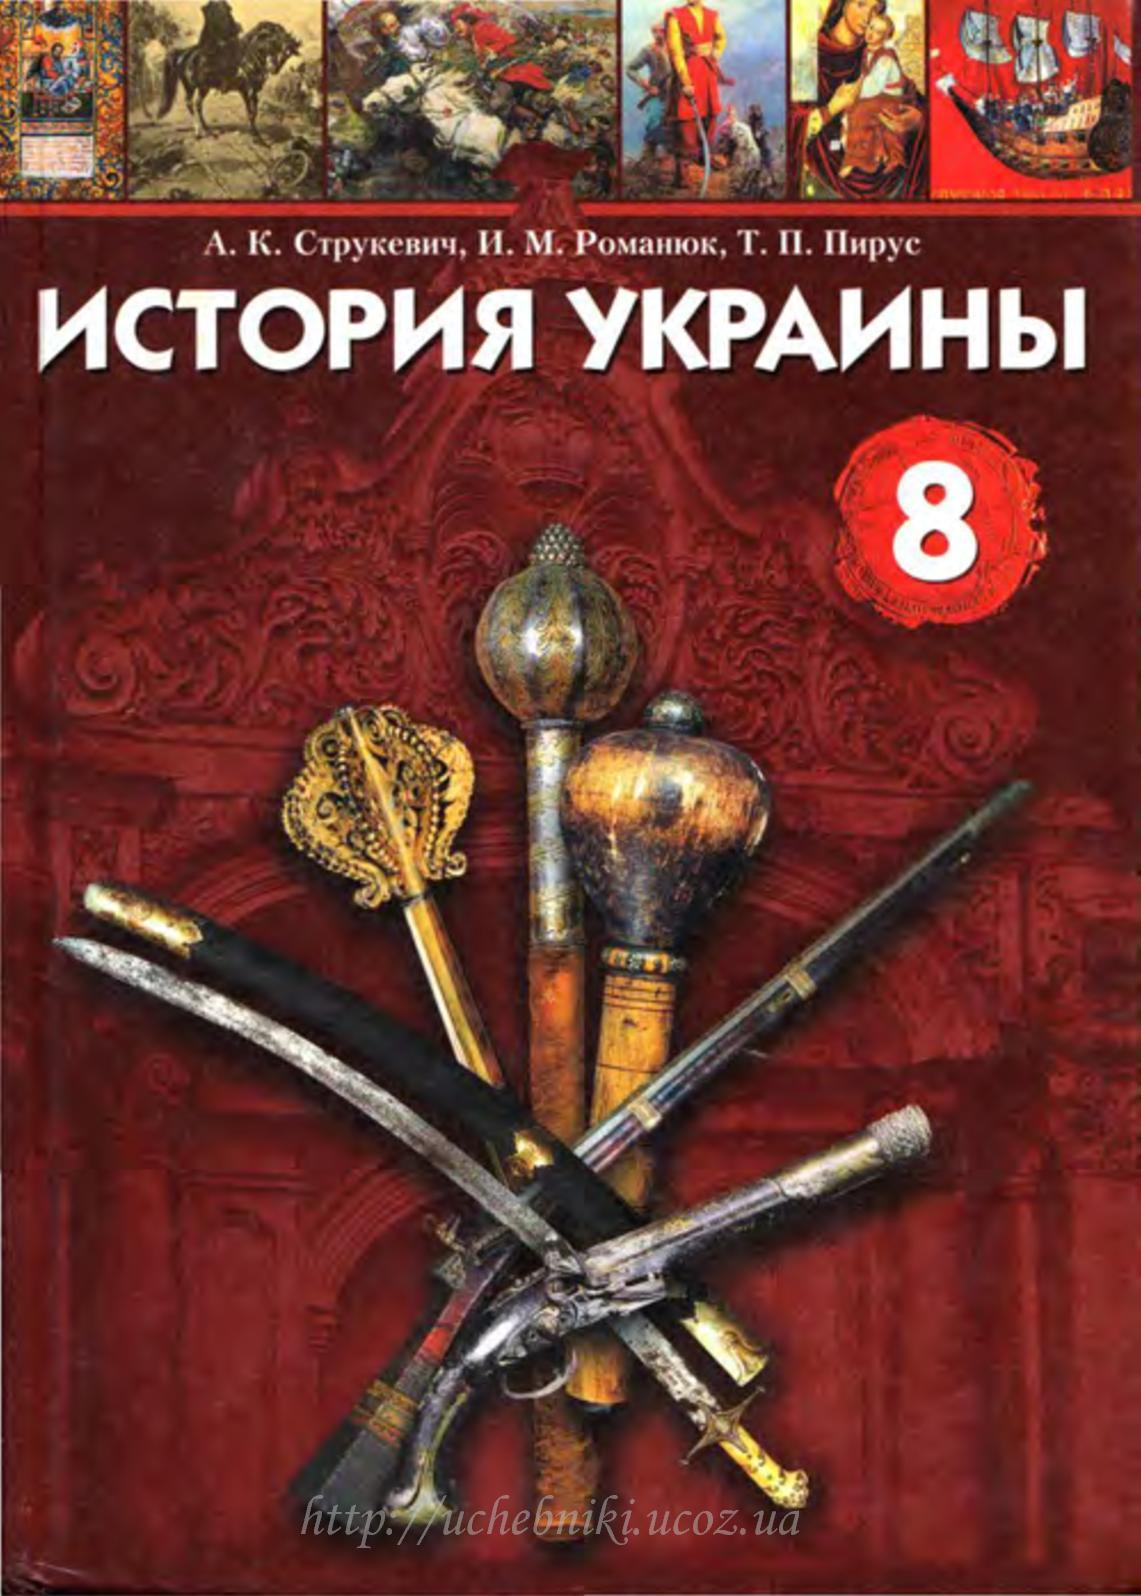 Rost Deko Schön Calaméo 8 Klas istorija Ukrajini Strukevich 2008 Ros